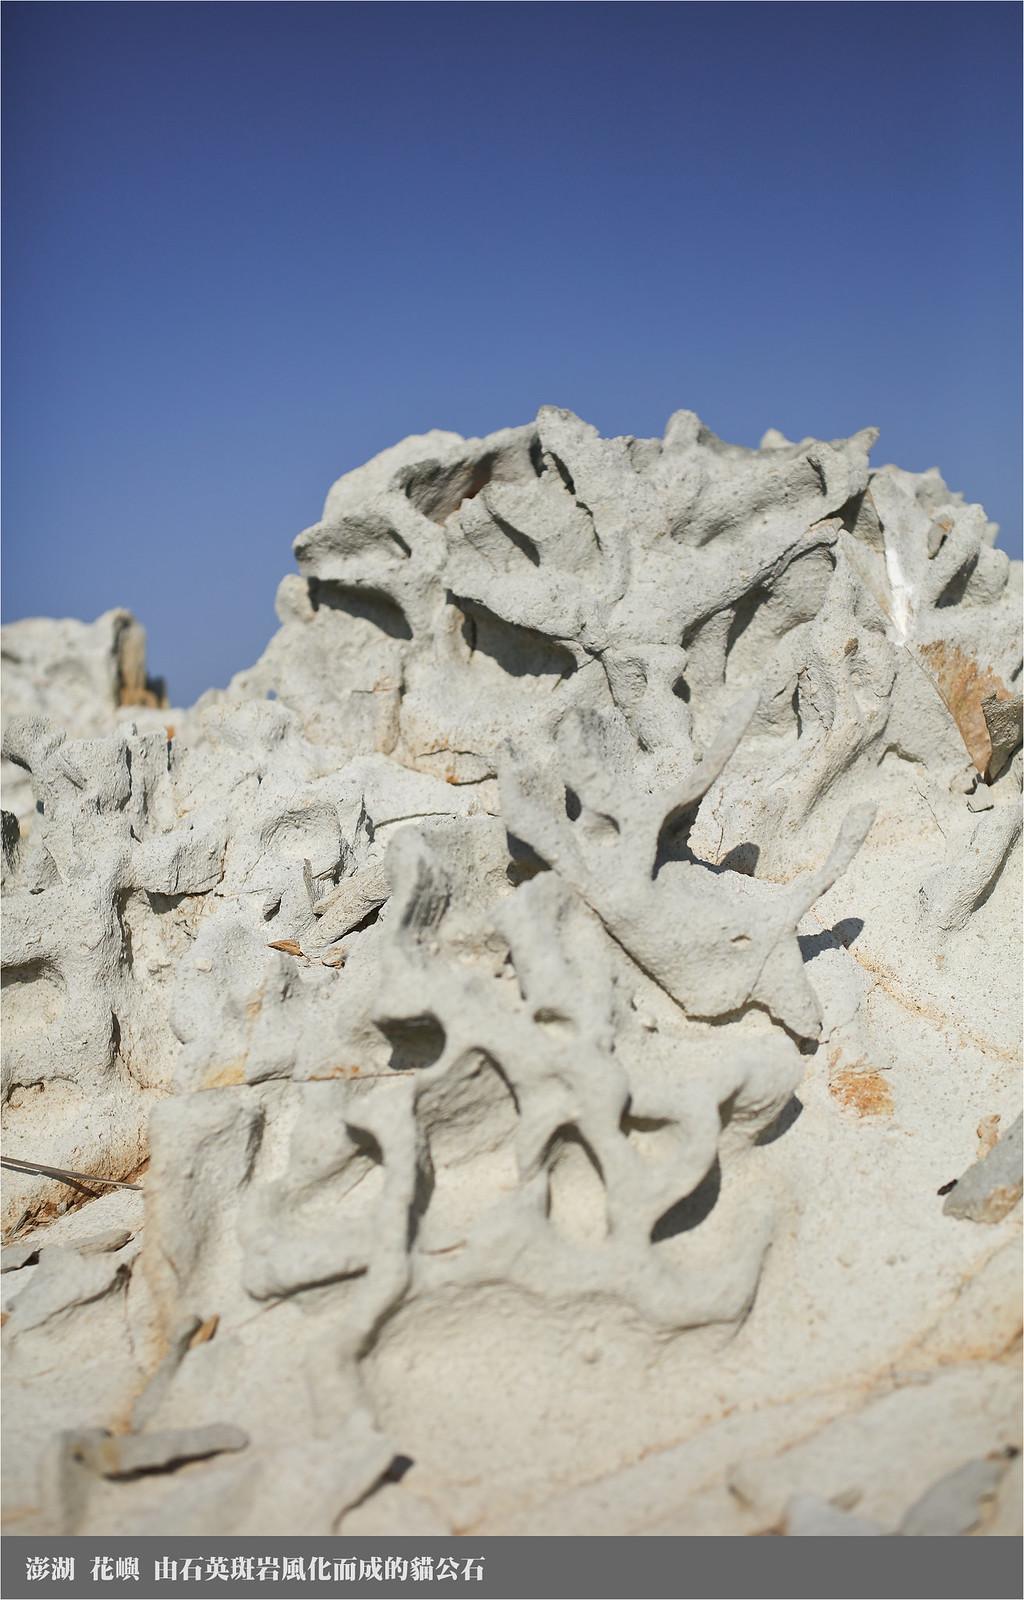 花嶼_由石英斑岩風化而成的貓公石